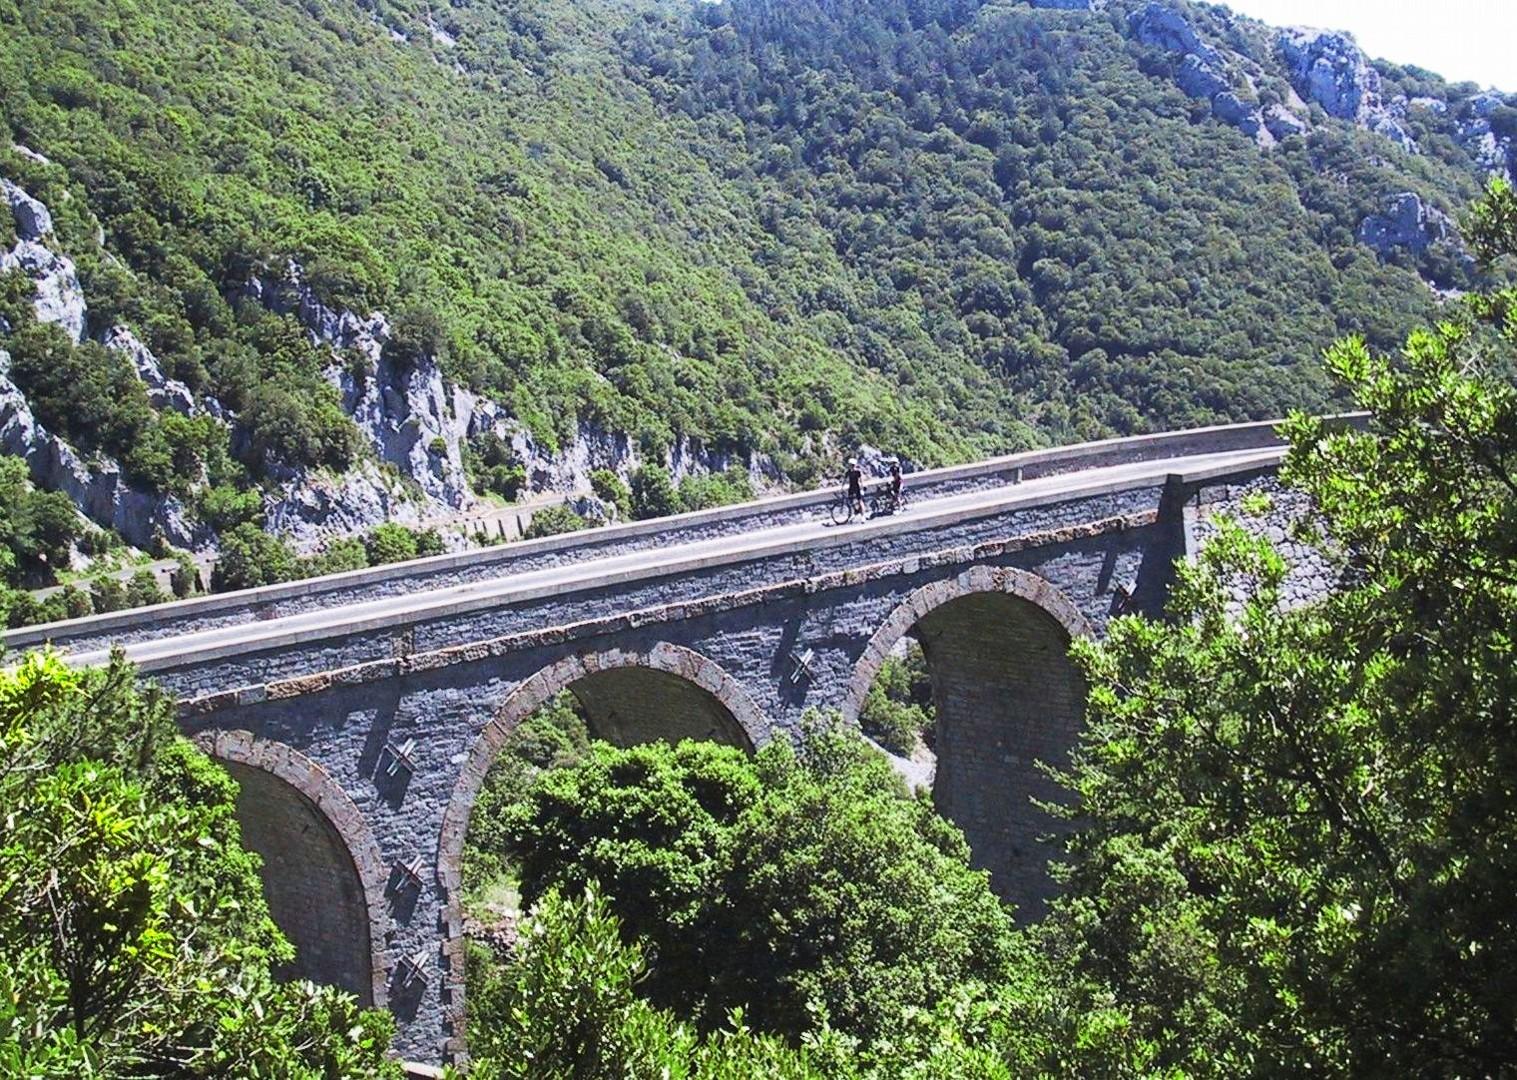 france-pyrenees-group-cycling-holiday.jpg - France - Pyrenees Fitness Week - Guided Road Cycling Holiday (Grade 3-4) - Road Cycling